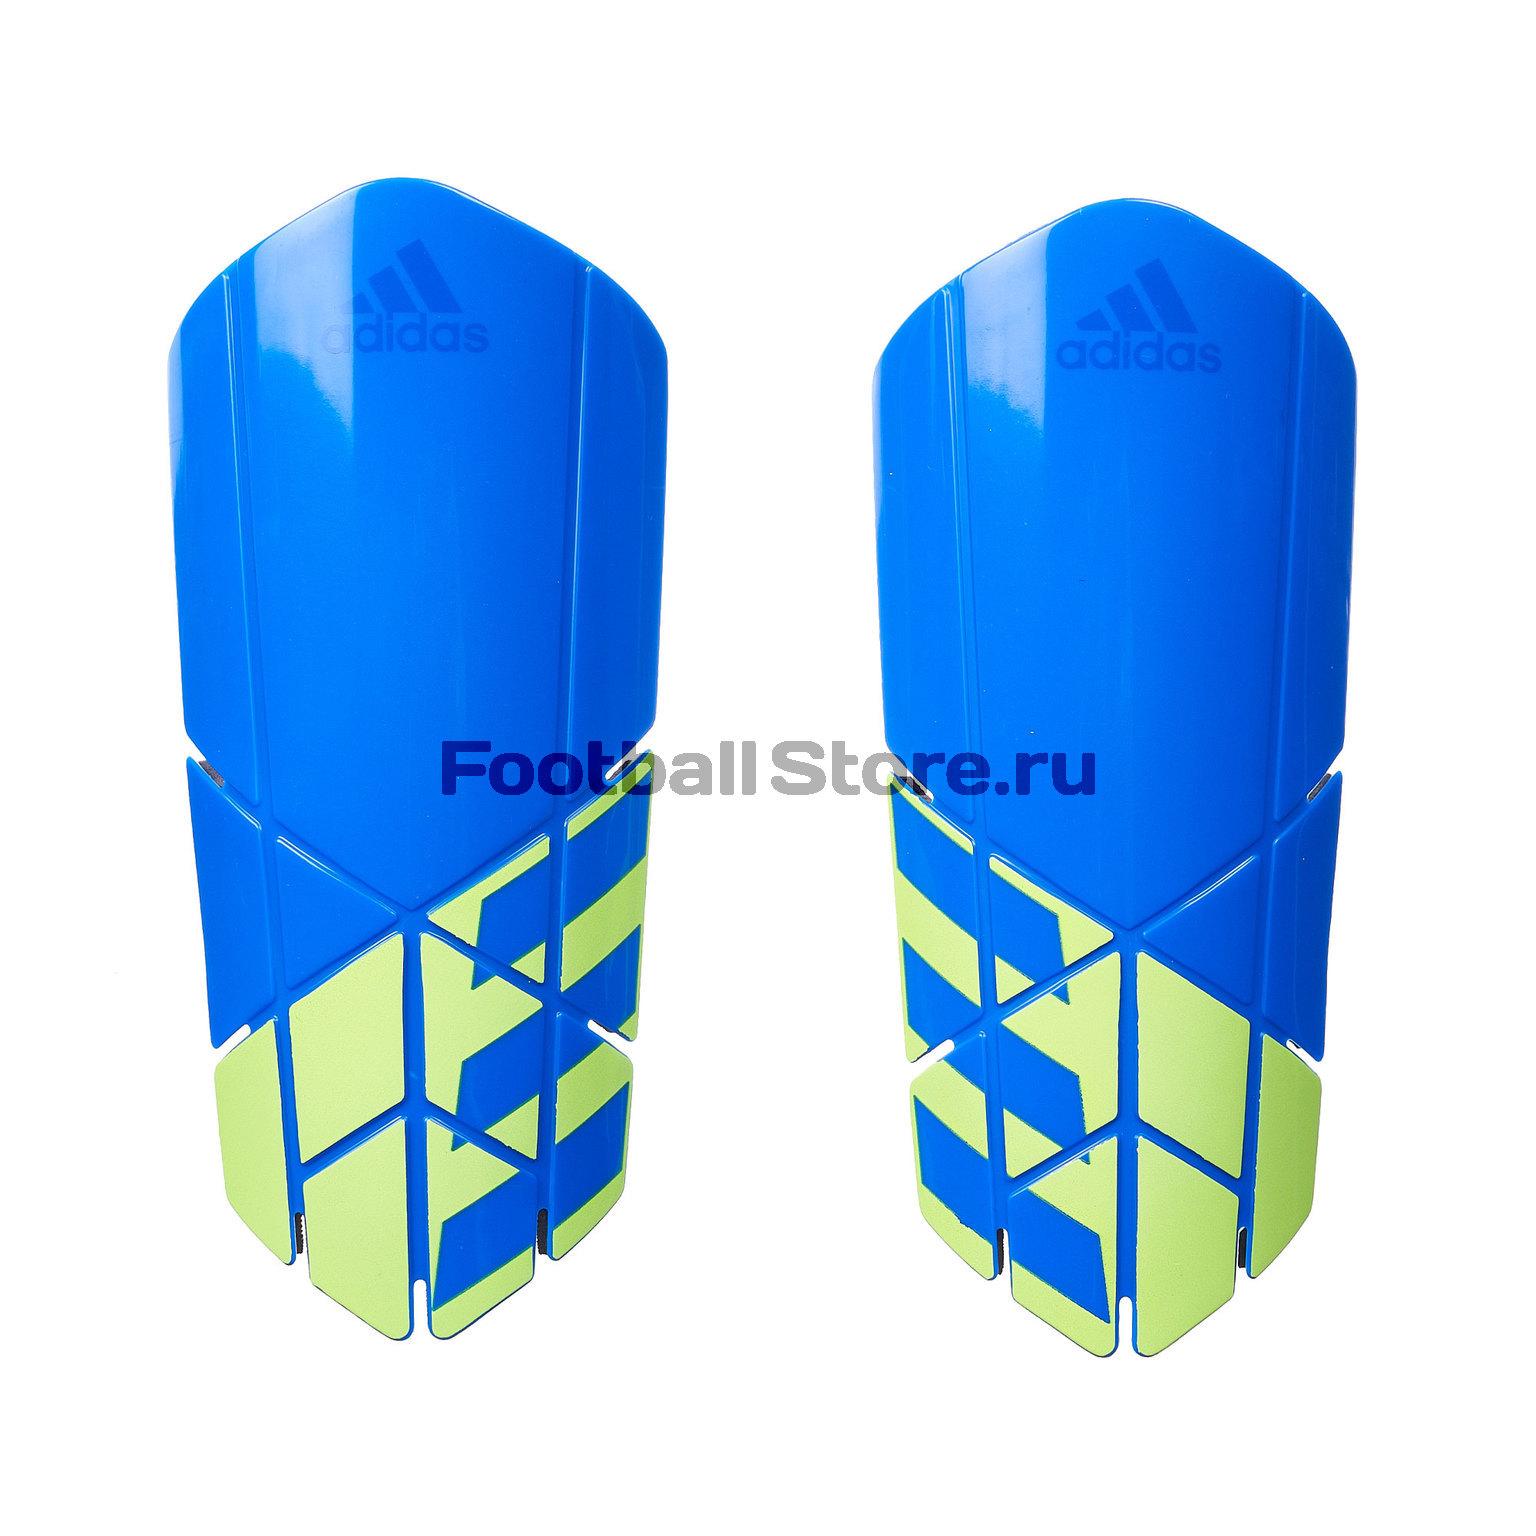 Щитки футбольные детские Adidas X Lesto CW9716 щитки футбольные umbro veloce slip 20813u exv р m